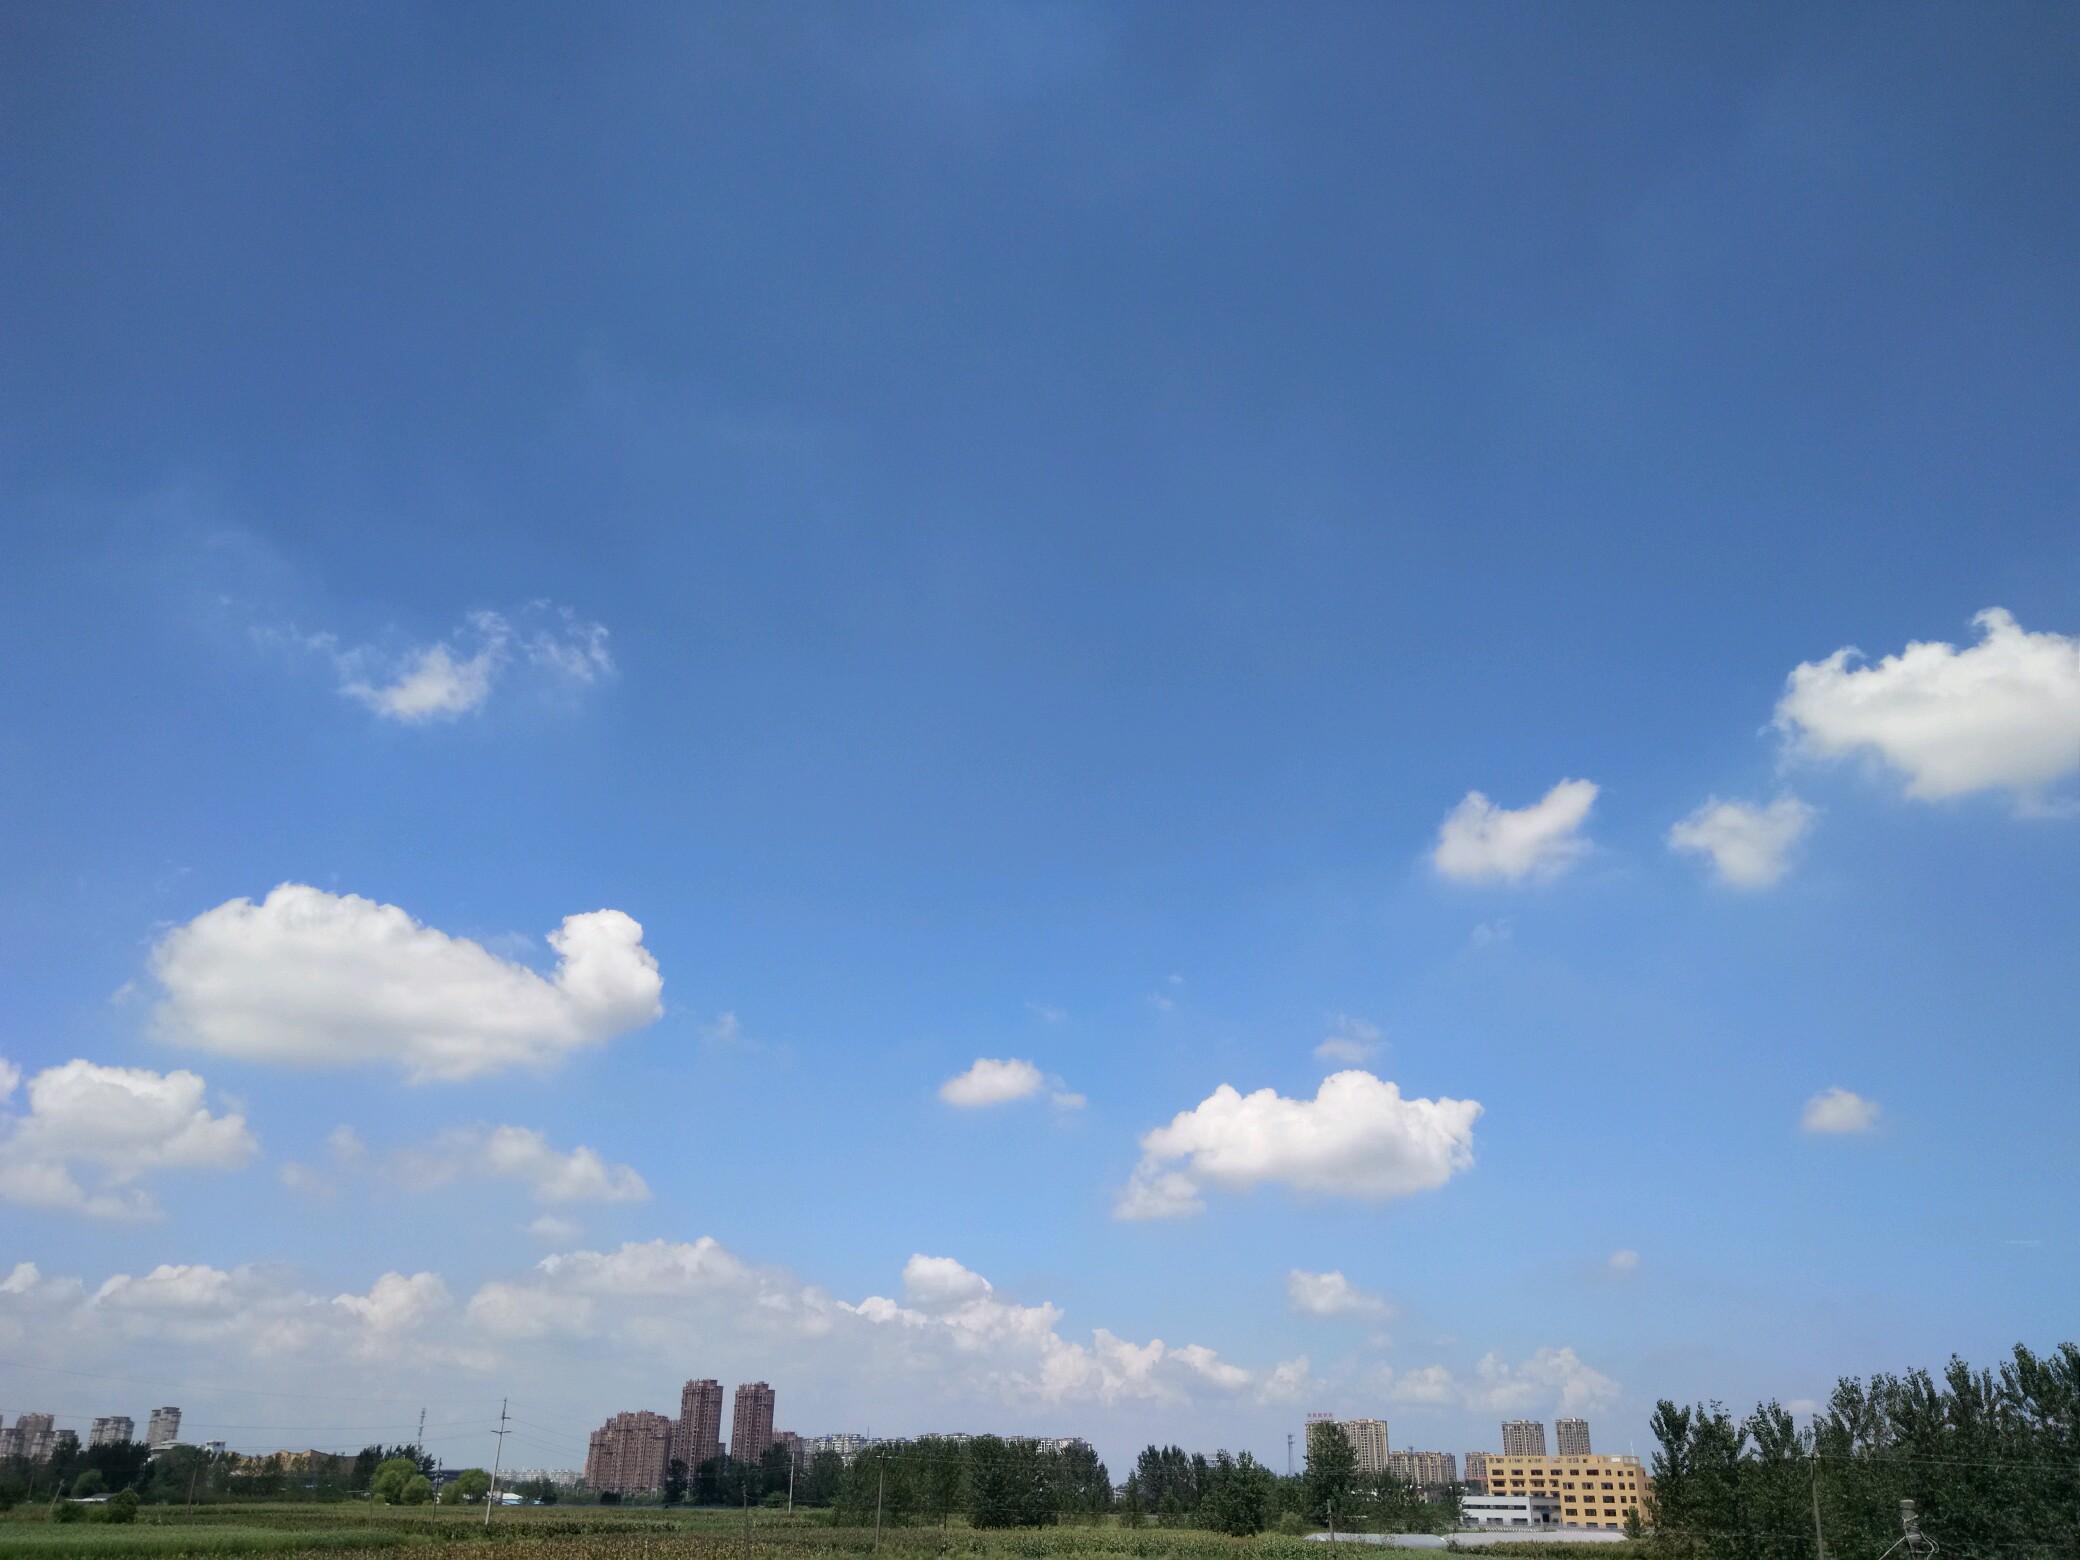 背景 壁纸 风景 天空 桌面 2080_1560